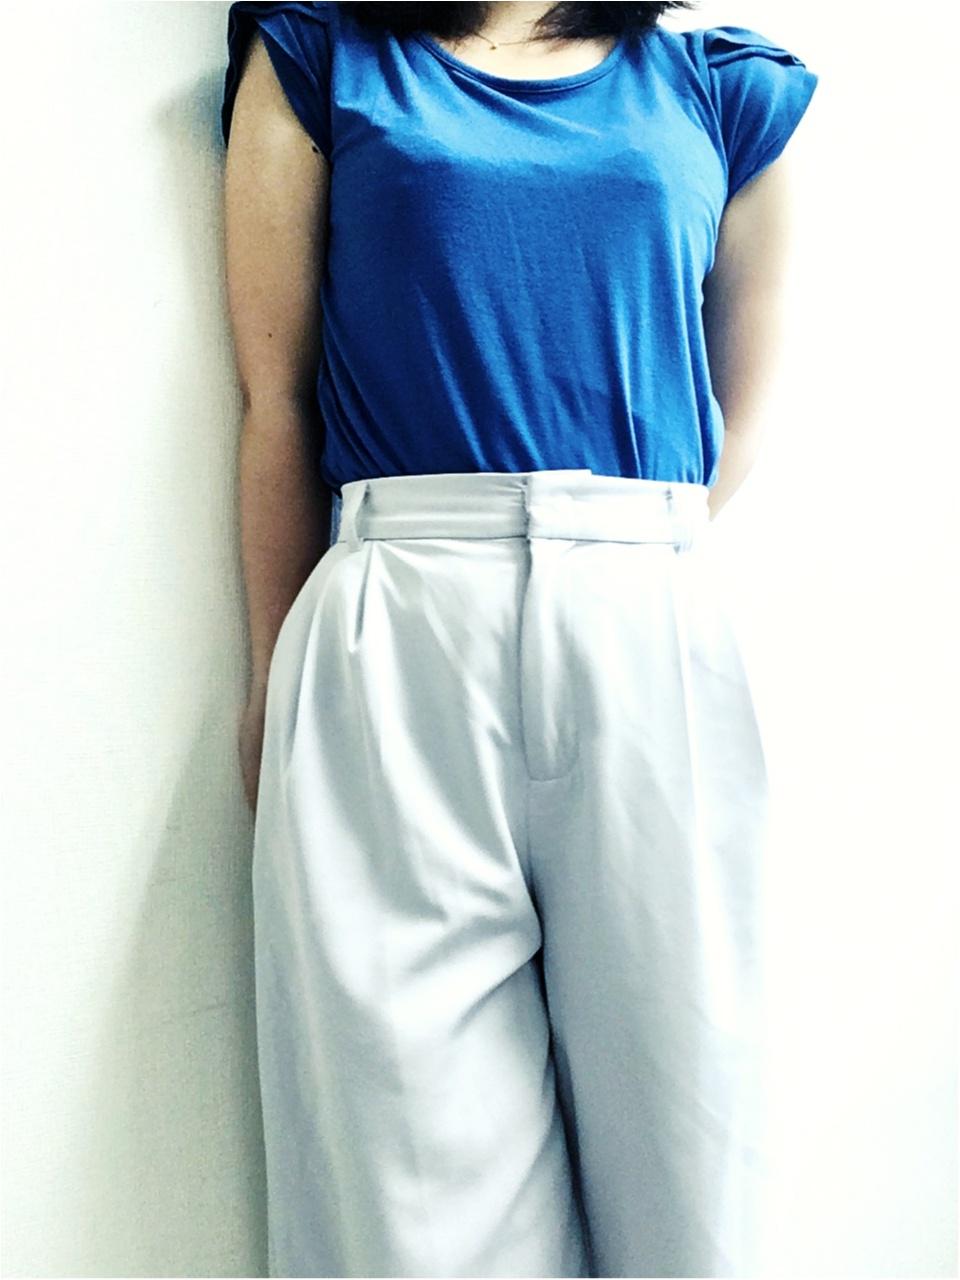 今日のオフィスコーデ★【Fashion】夏はさわやかブルーのトップスで★_8